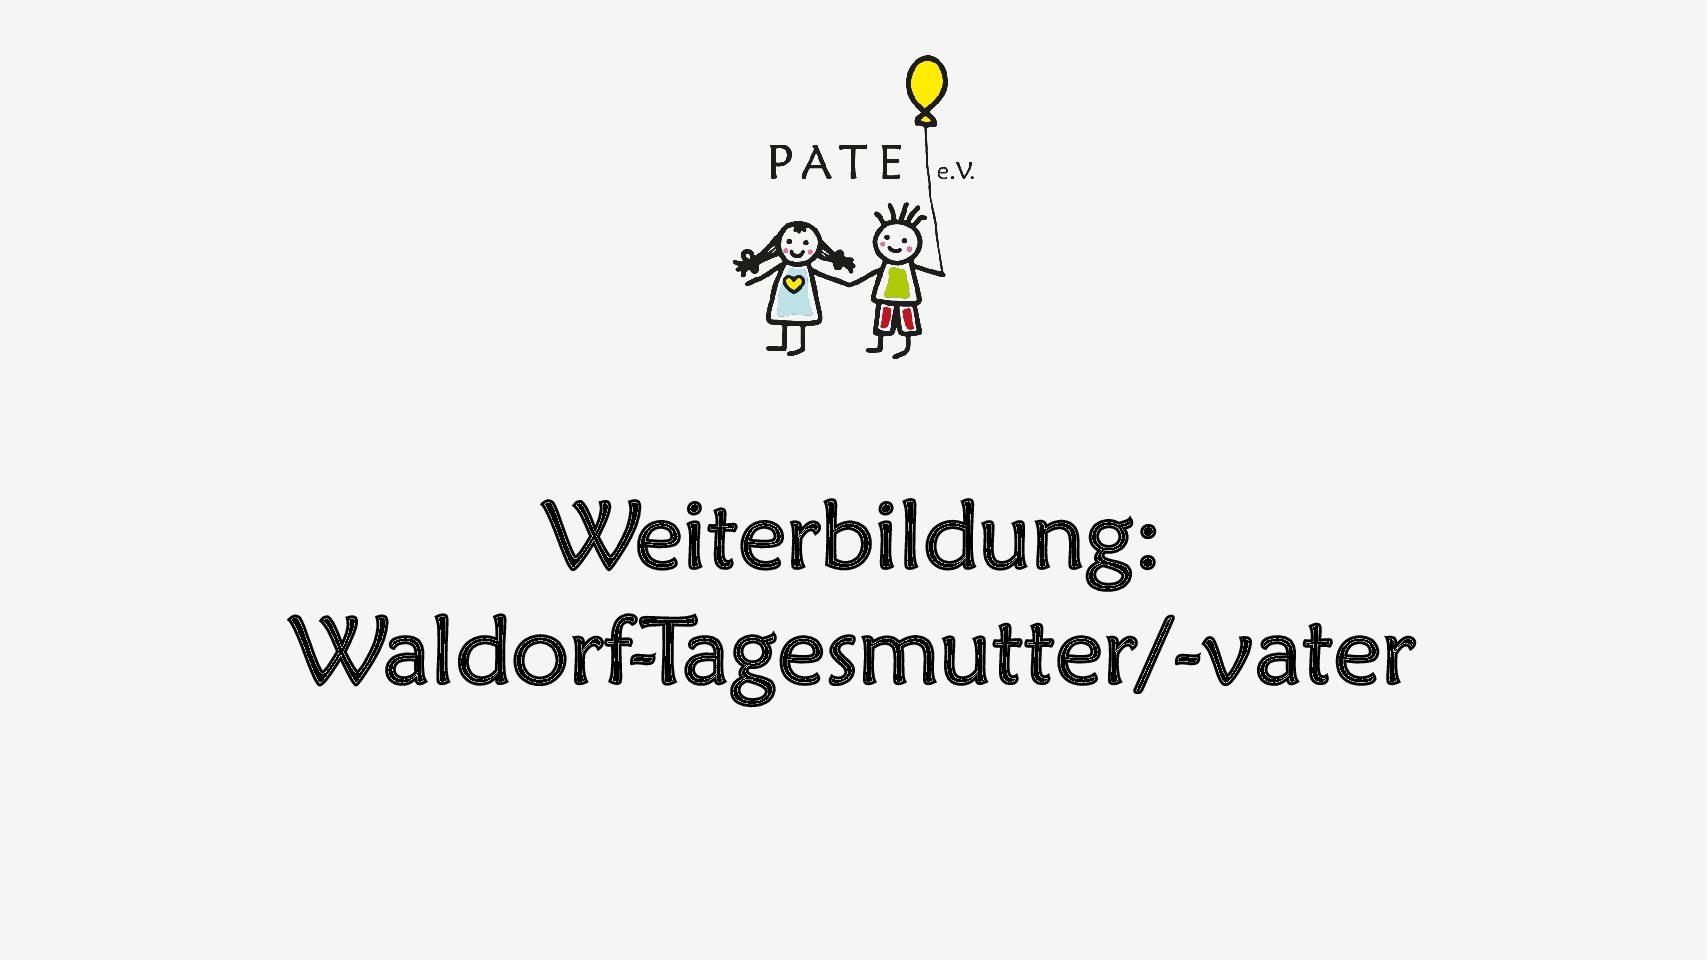 Weiterbildung: Waldorf-Tagesmutter/-vater